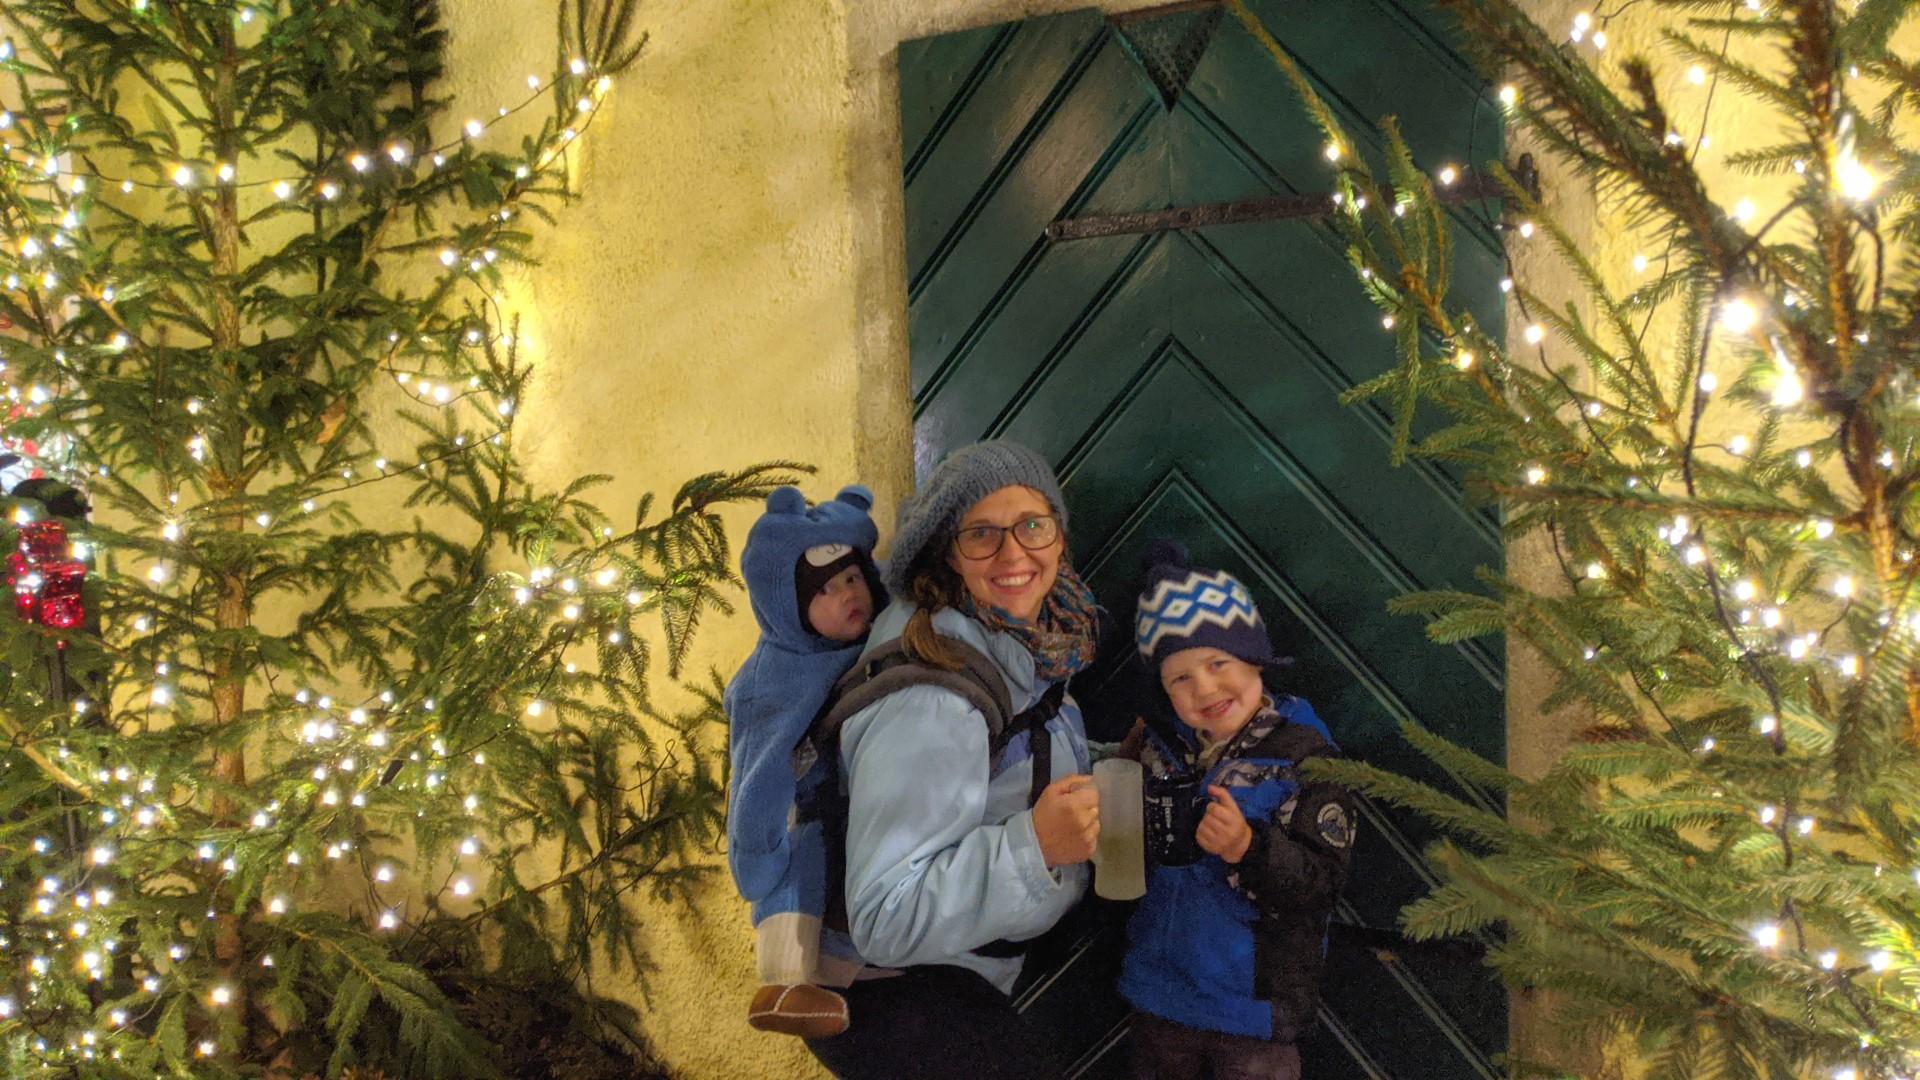 Christmas Market Gluhwein and Kinderpunsch